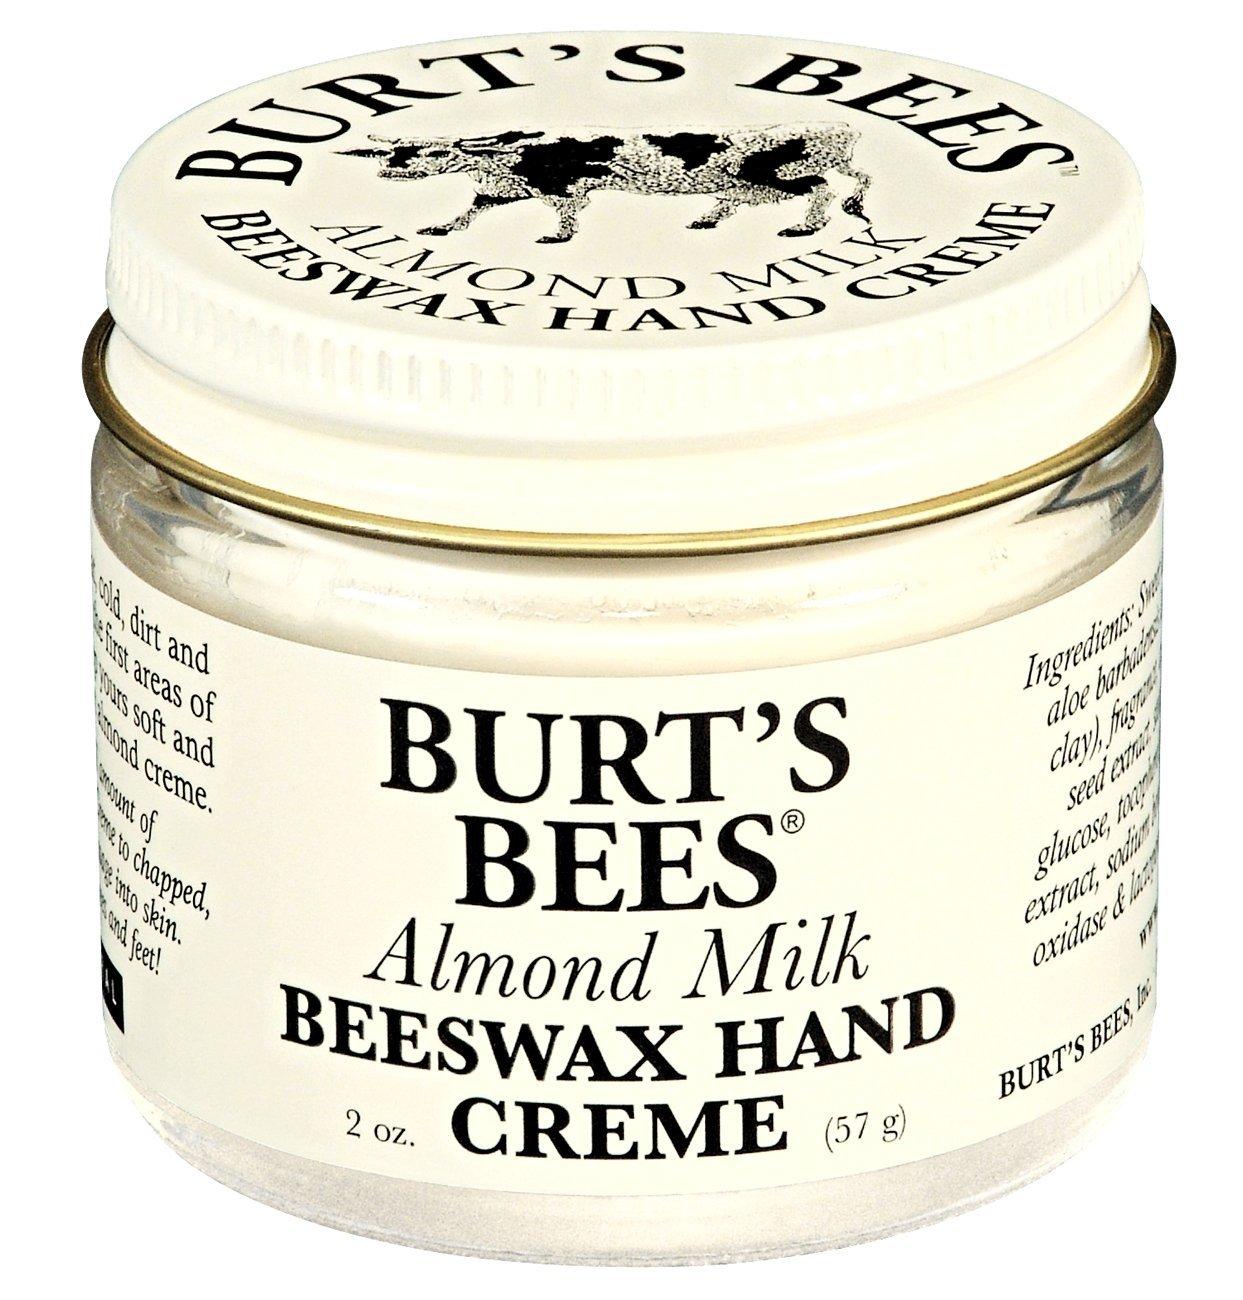 Burt's Bees hand creme